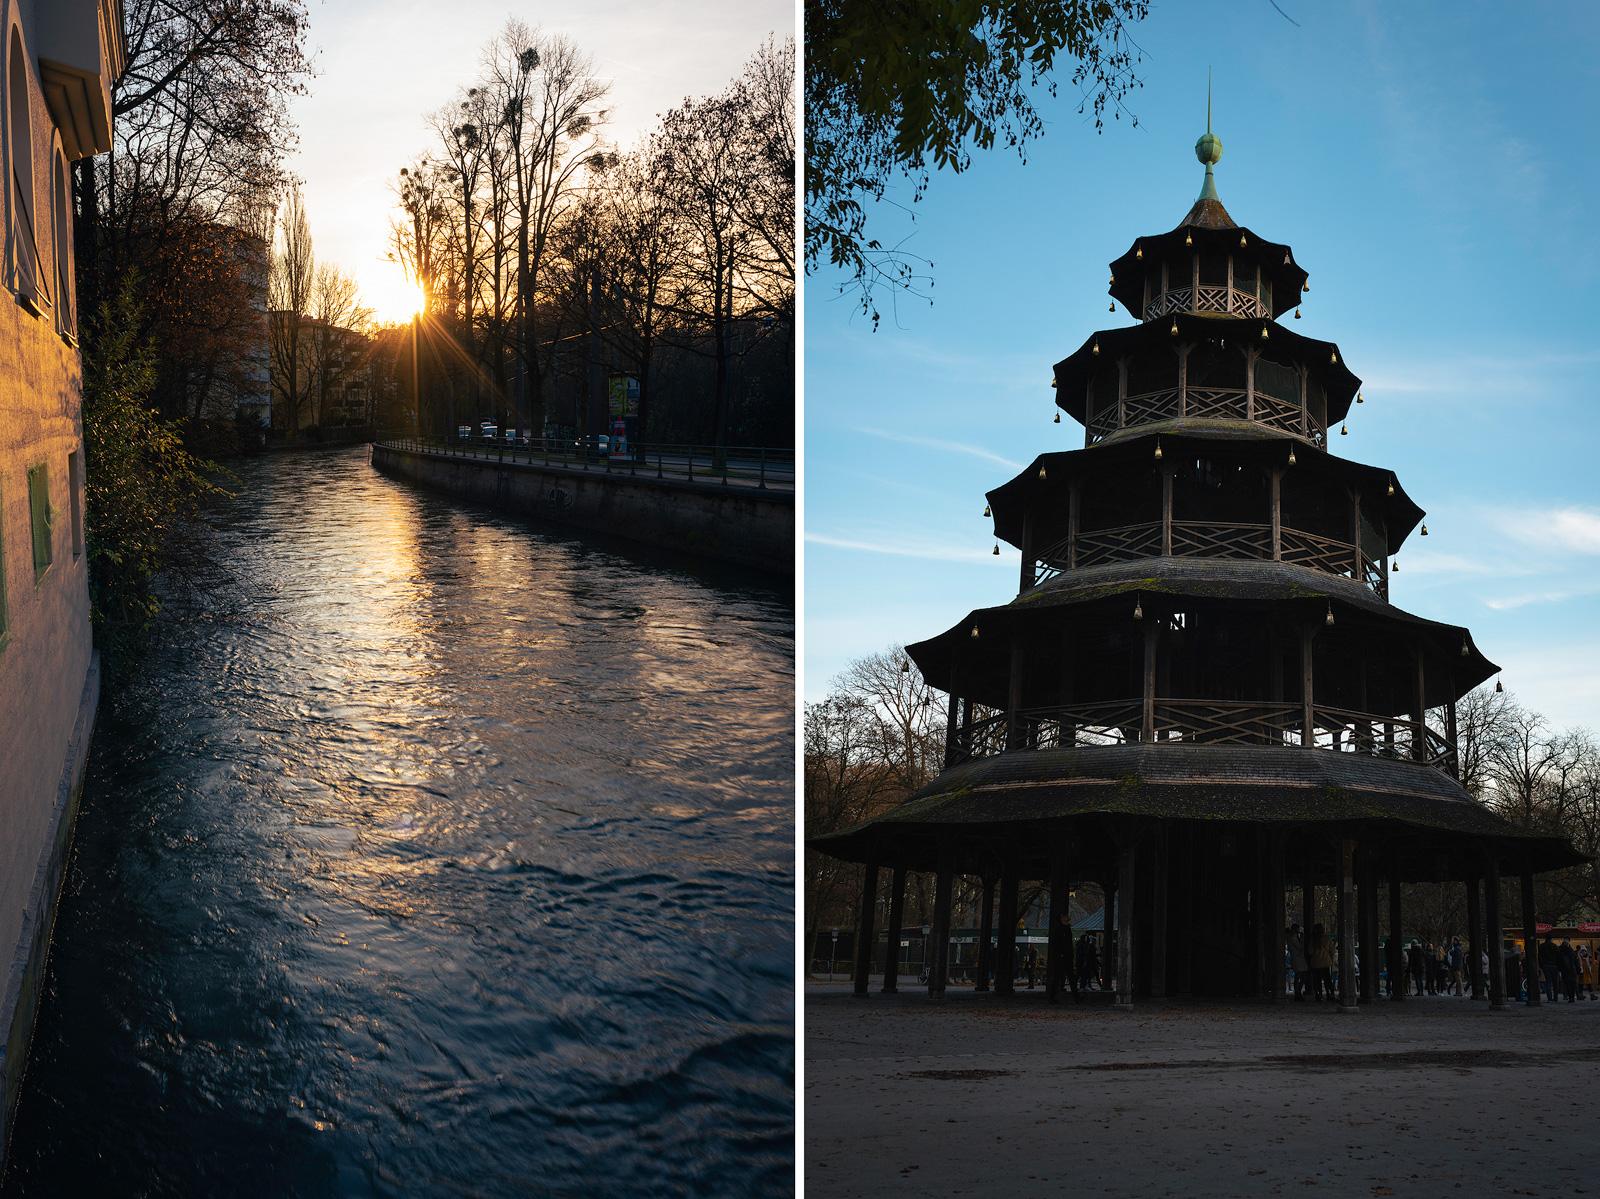 Tivolibrücke an der Tivolistraße und der Chinesische Turm in München